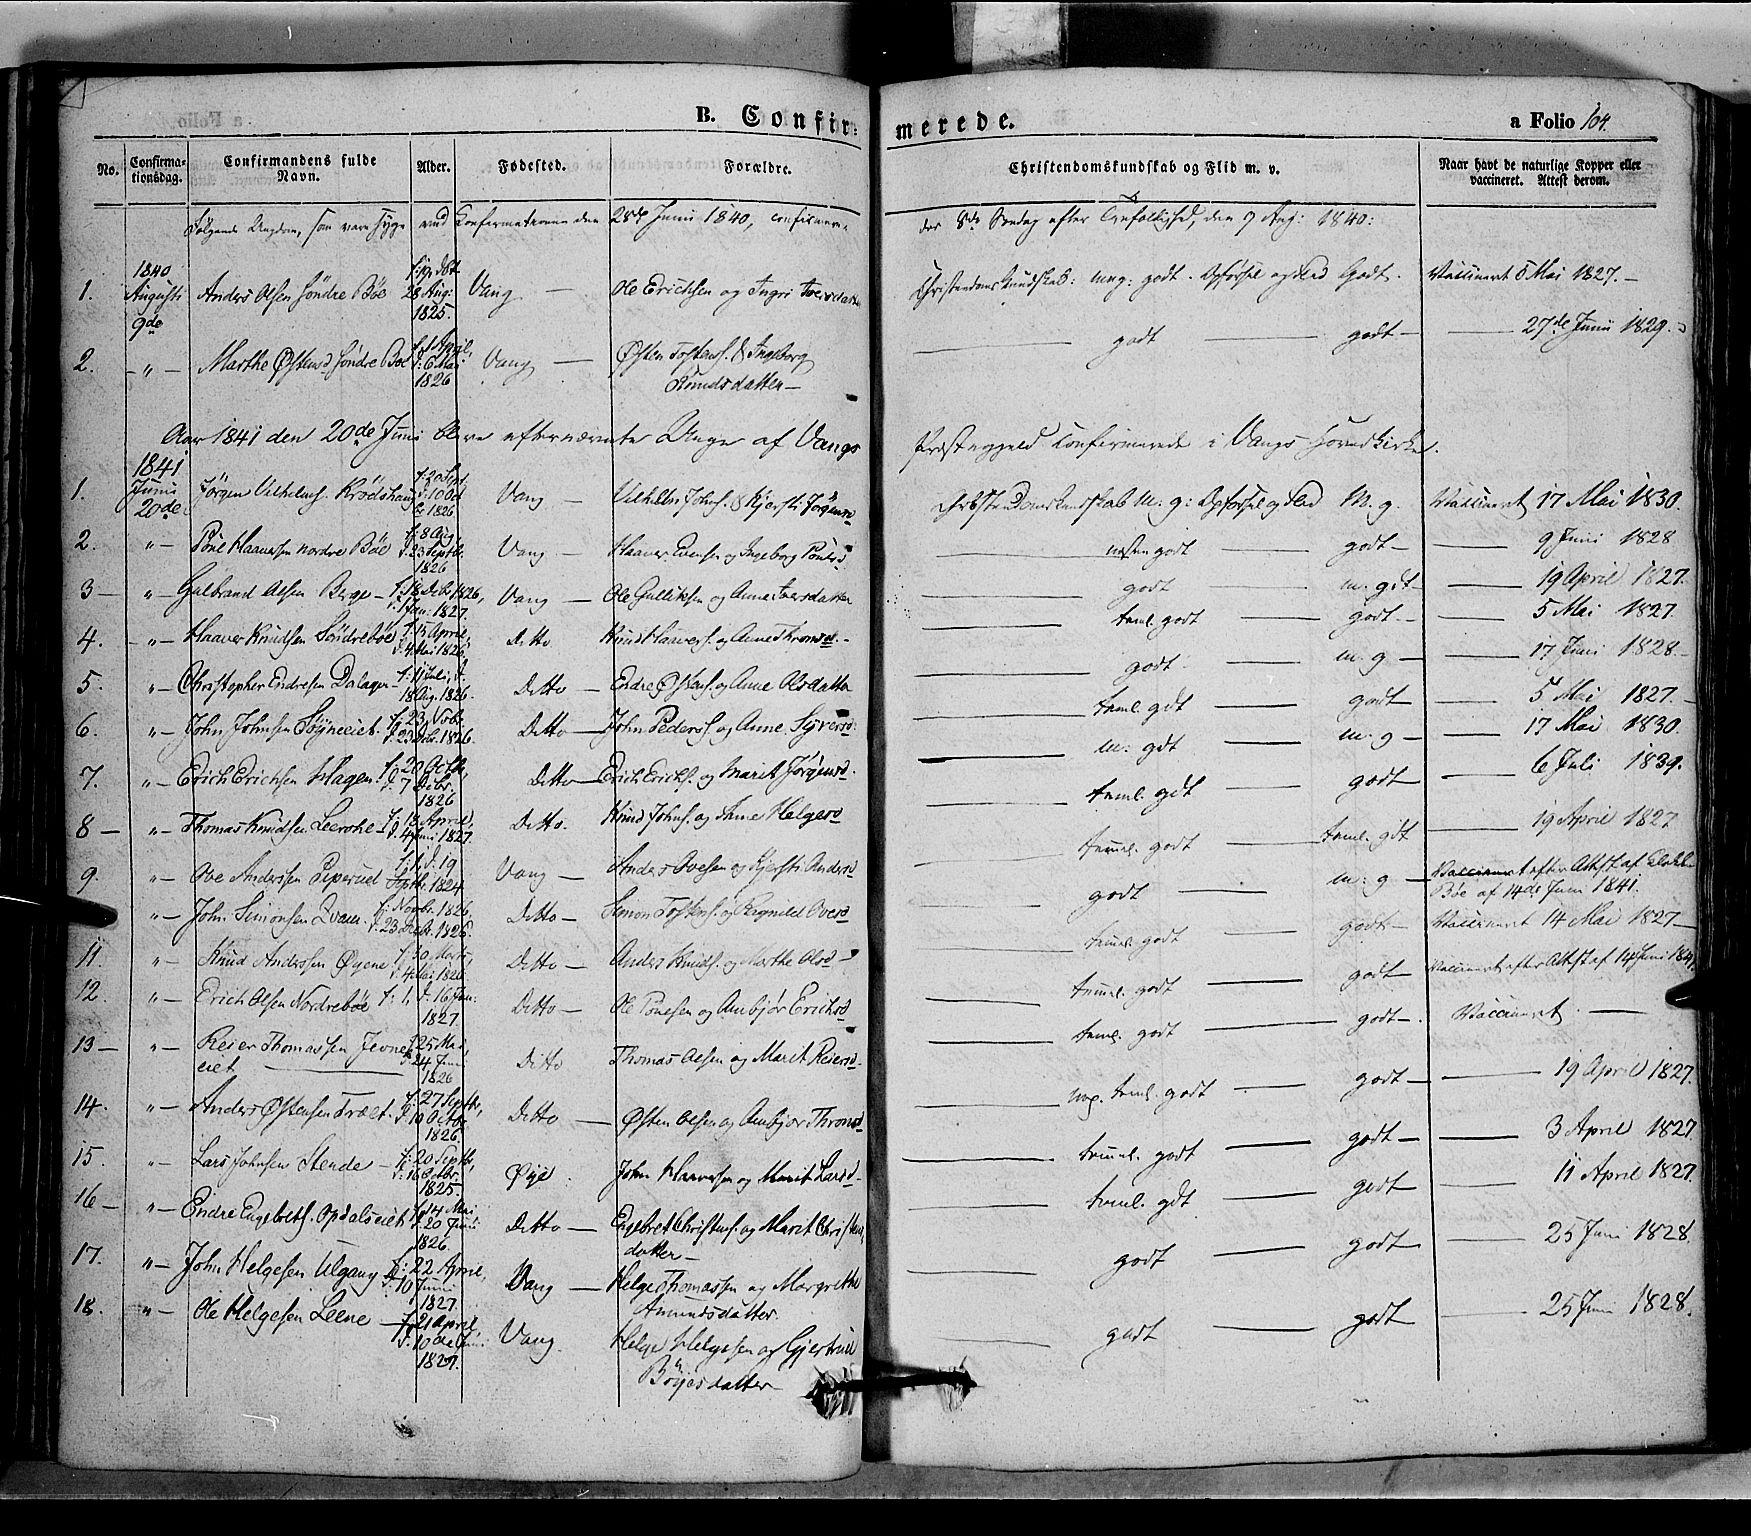 SAH, Vang prestekontor, Valdres, Ministerialbok nr. 5, 1831-1845, s. 104